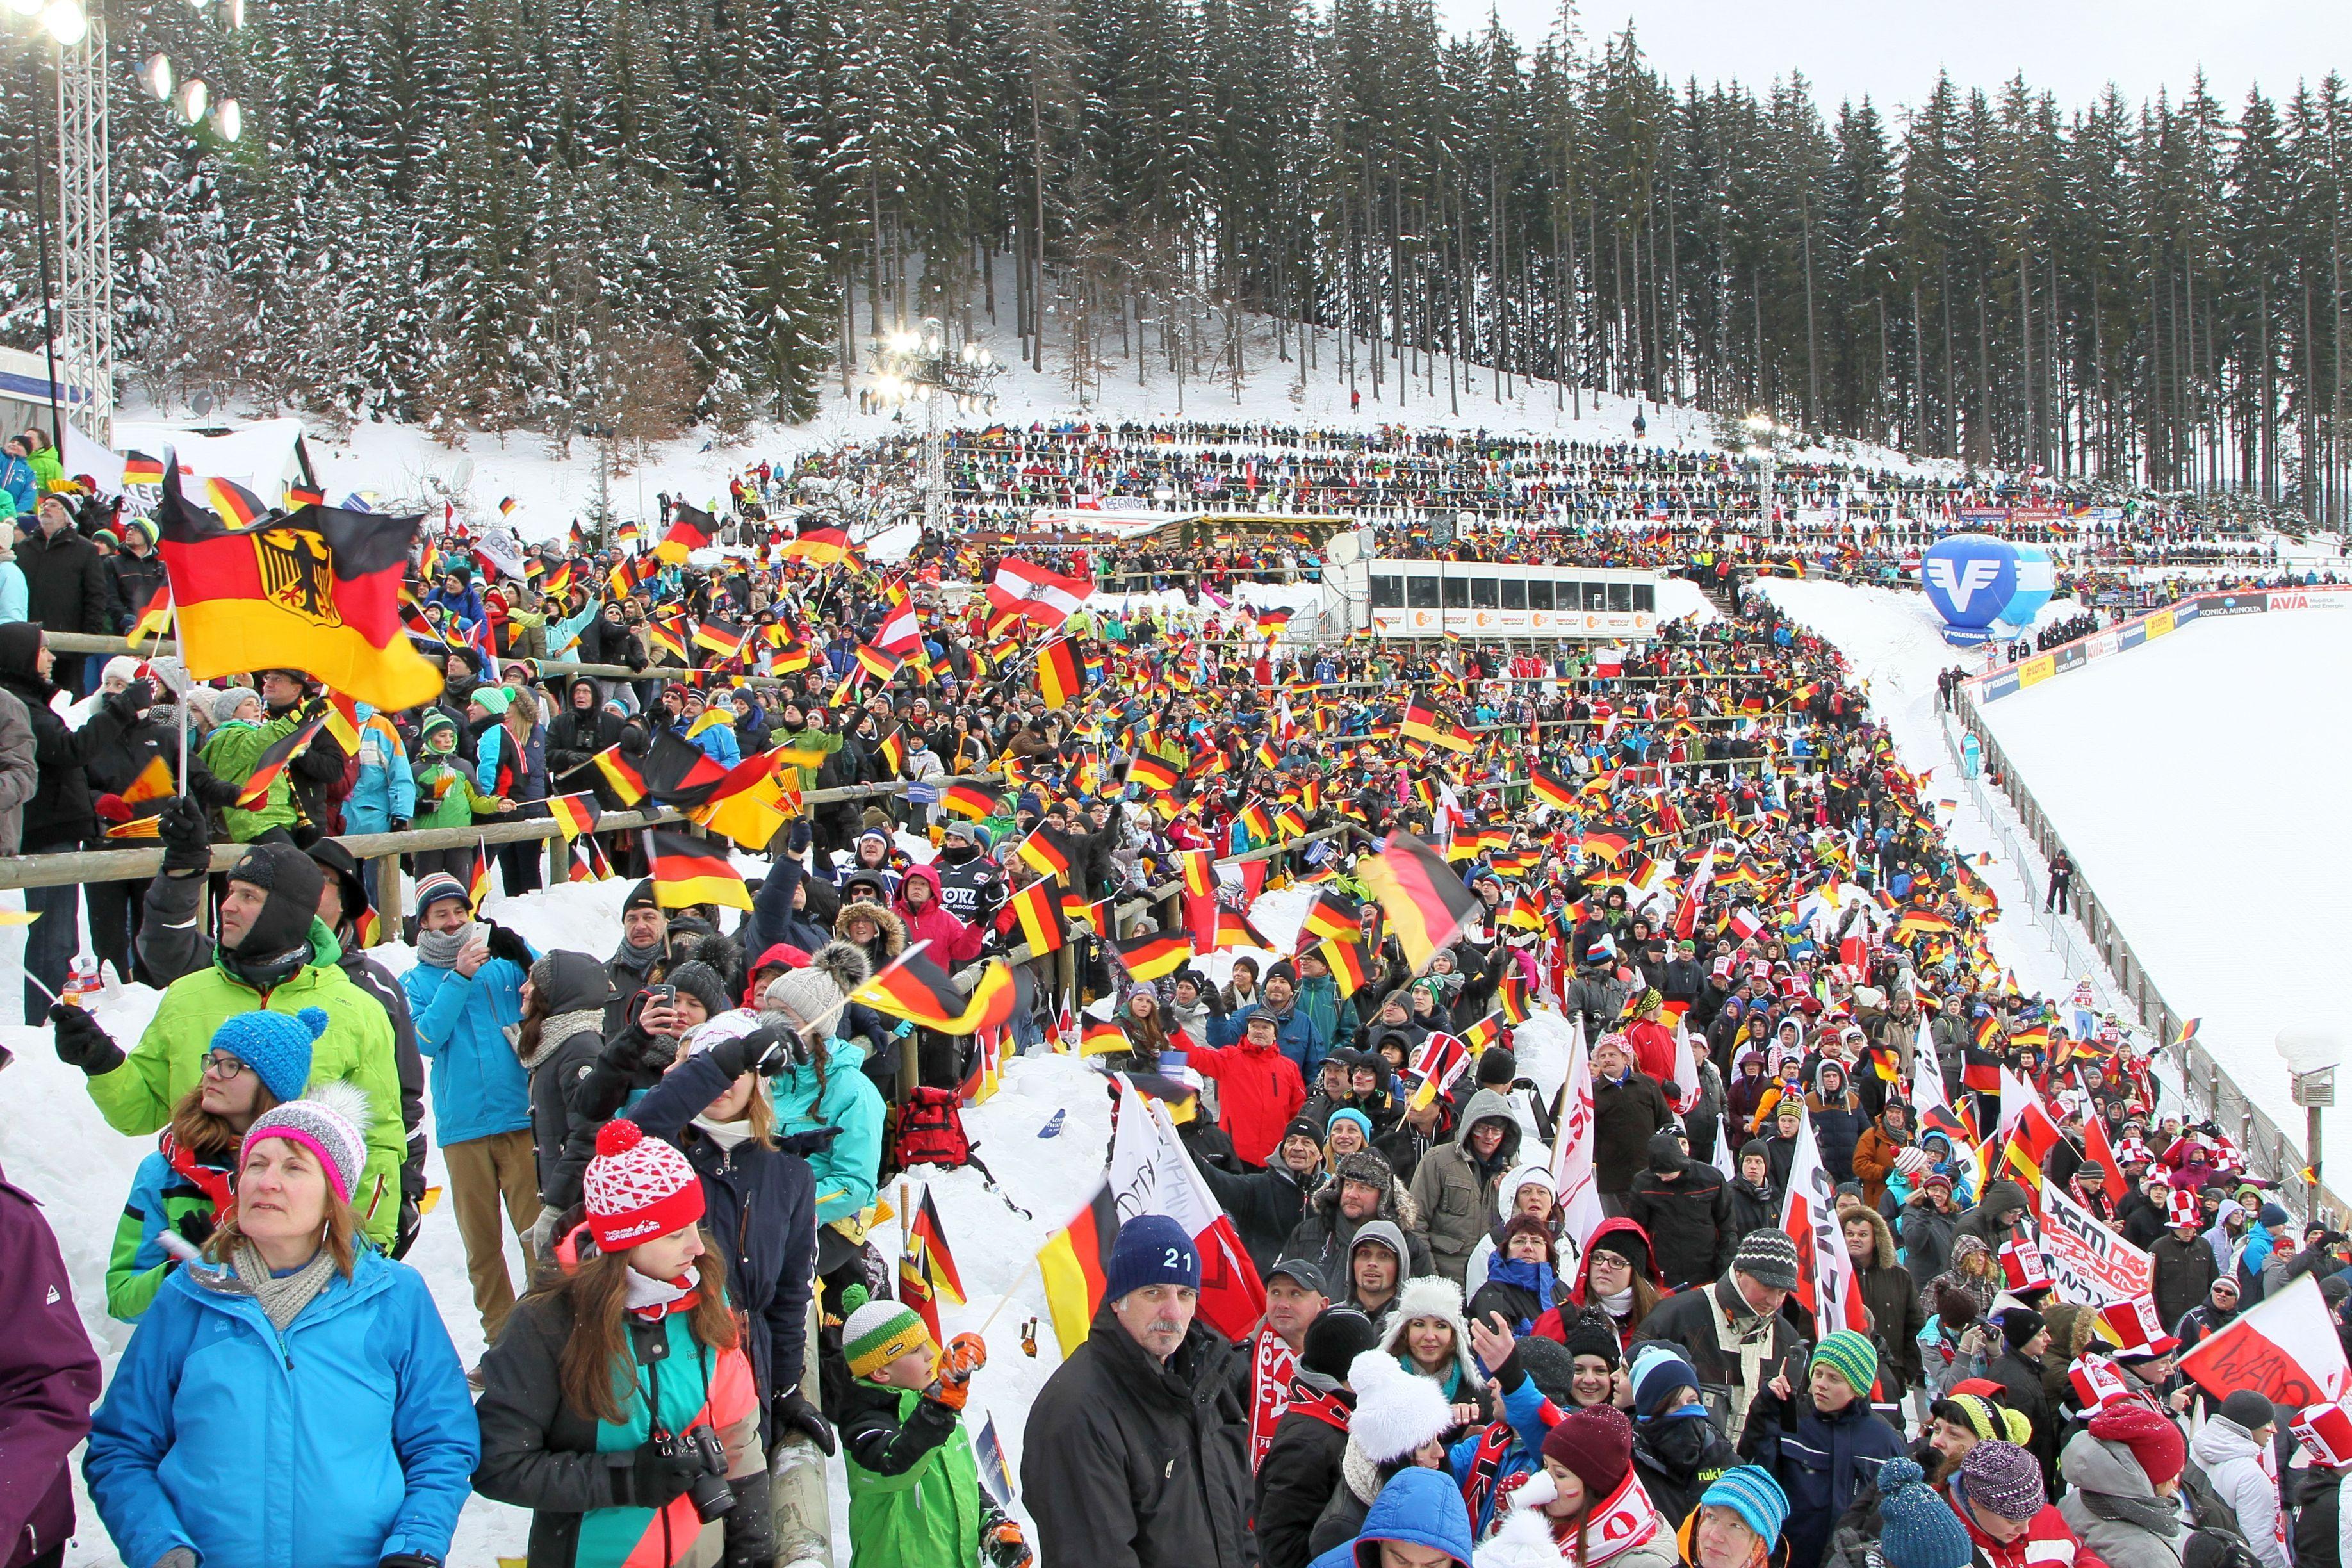 wann skispringen heute